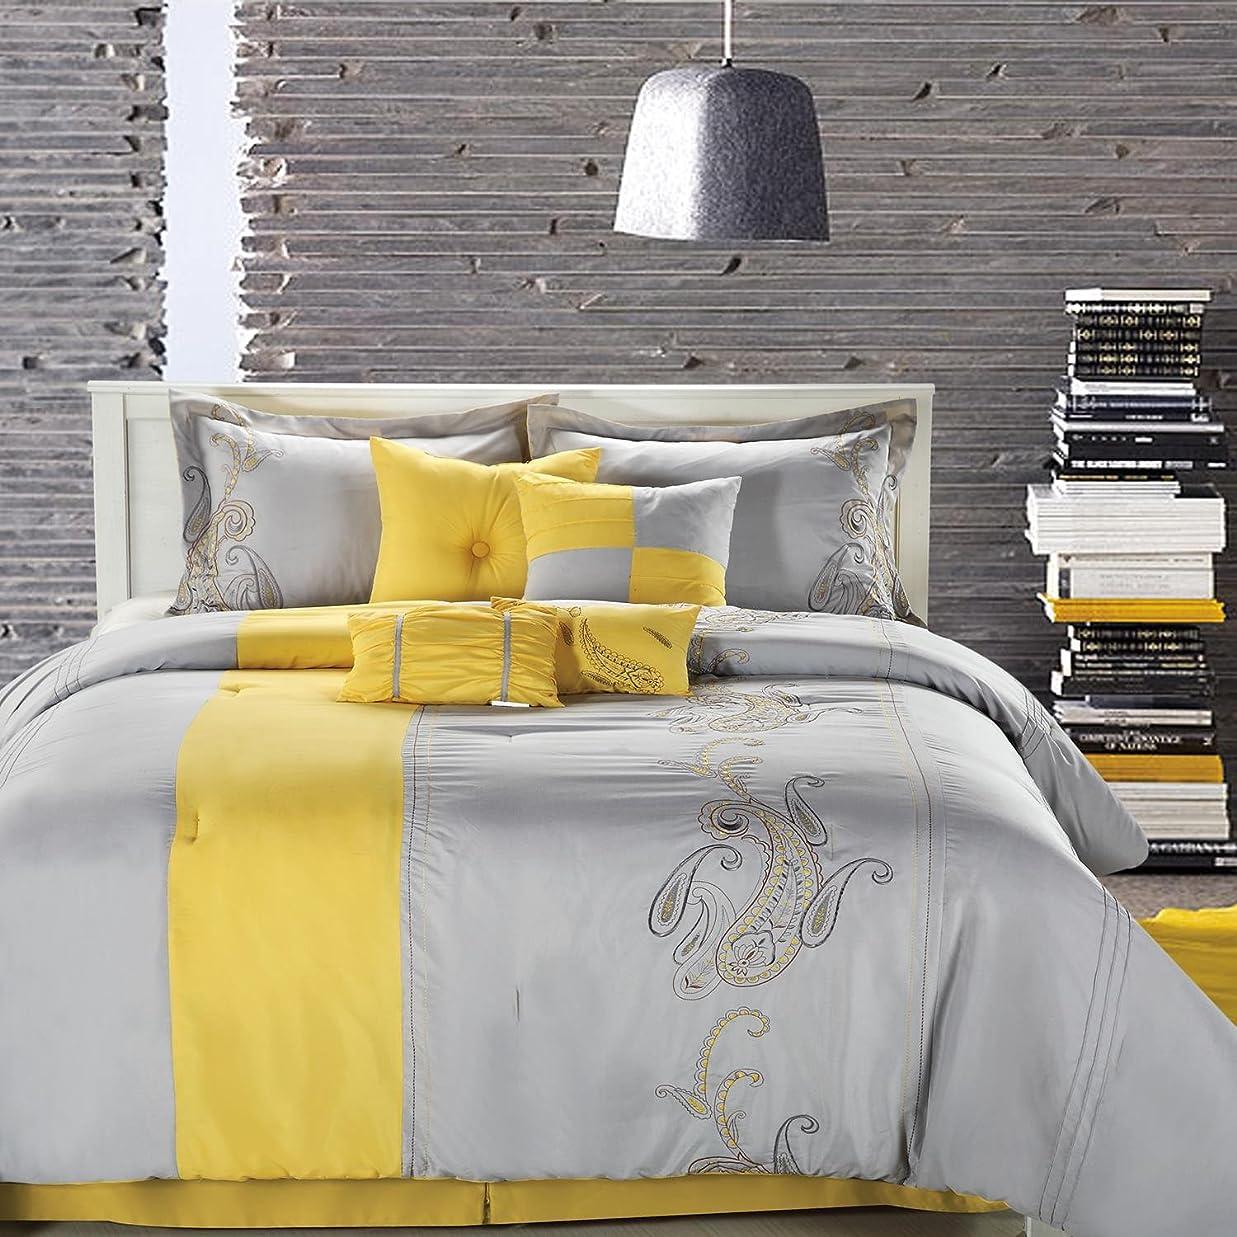 ワーカー人柄マンハッタンシックホームAnn Harbor 8点掛け布団寝具セット、イエロー/グレー、キング